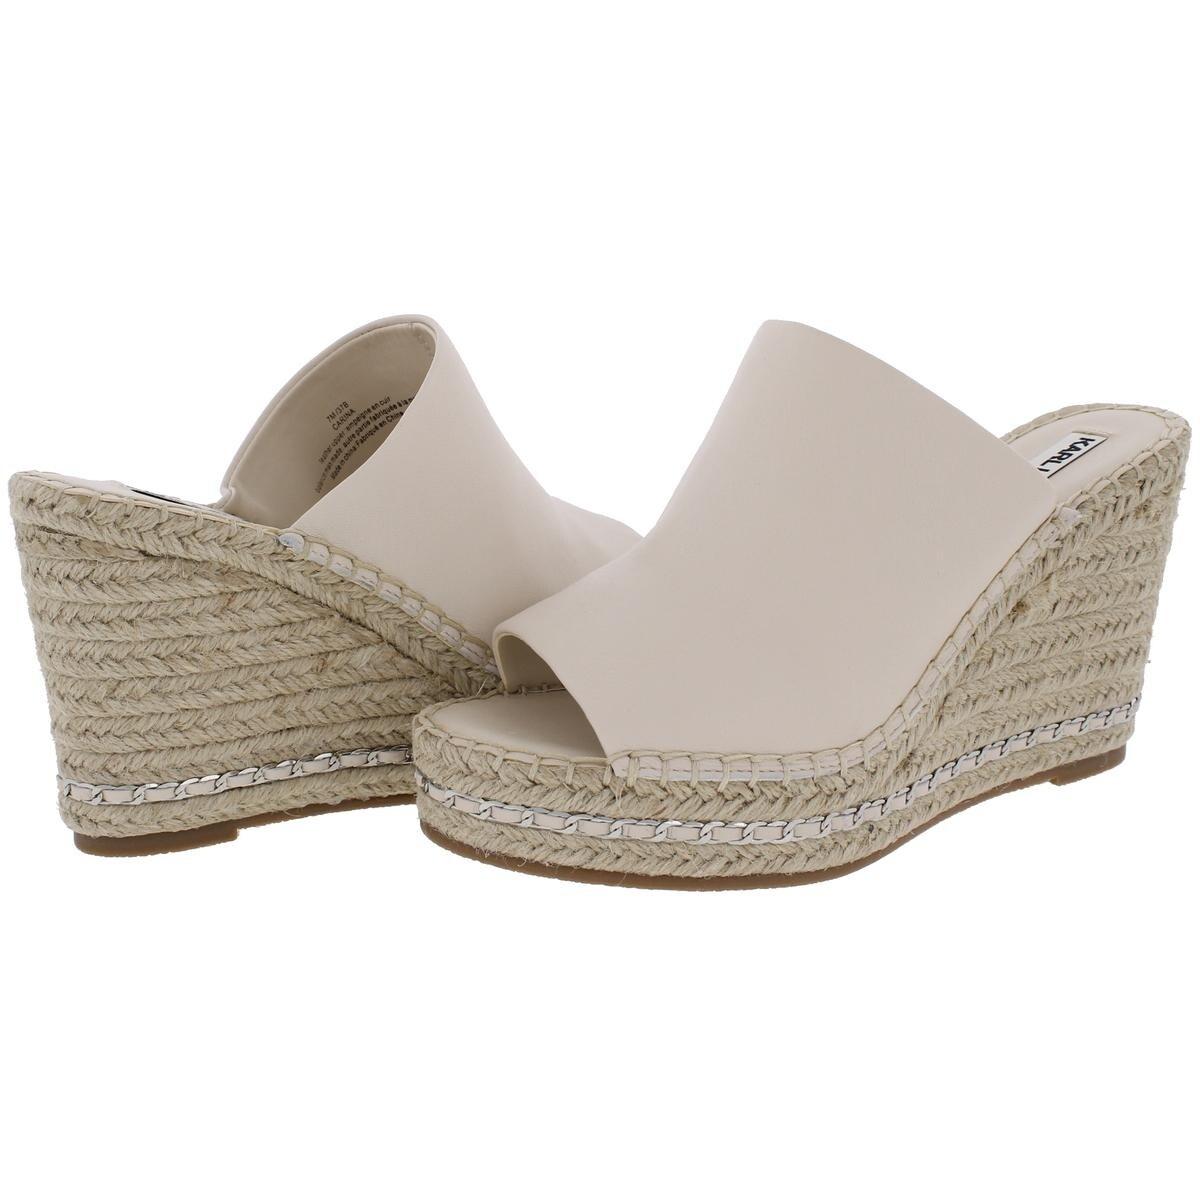 fc41e6bdf86 Karl Lagerfeld Paris Womens Carina Wedge Sandals Chain Open Toe